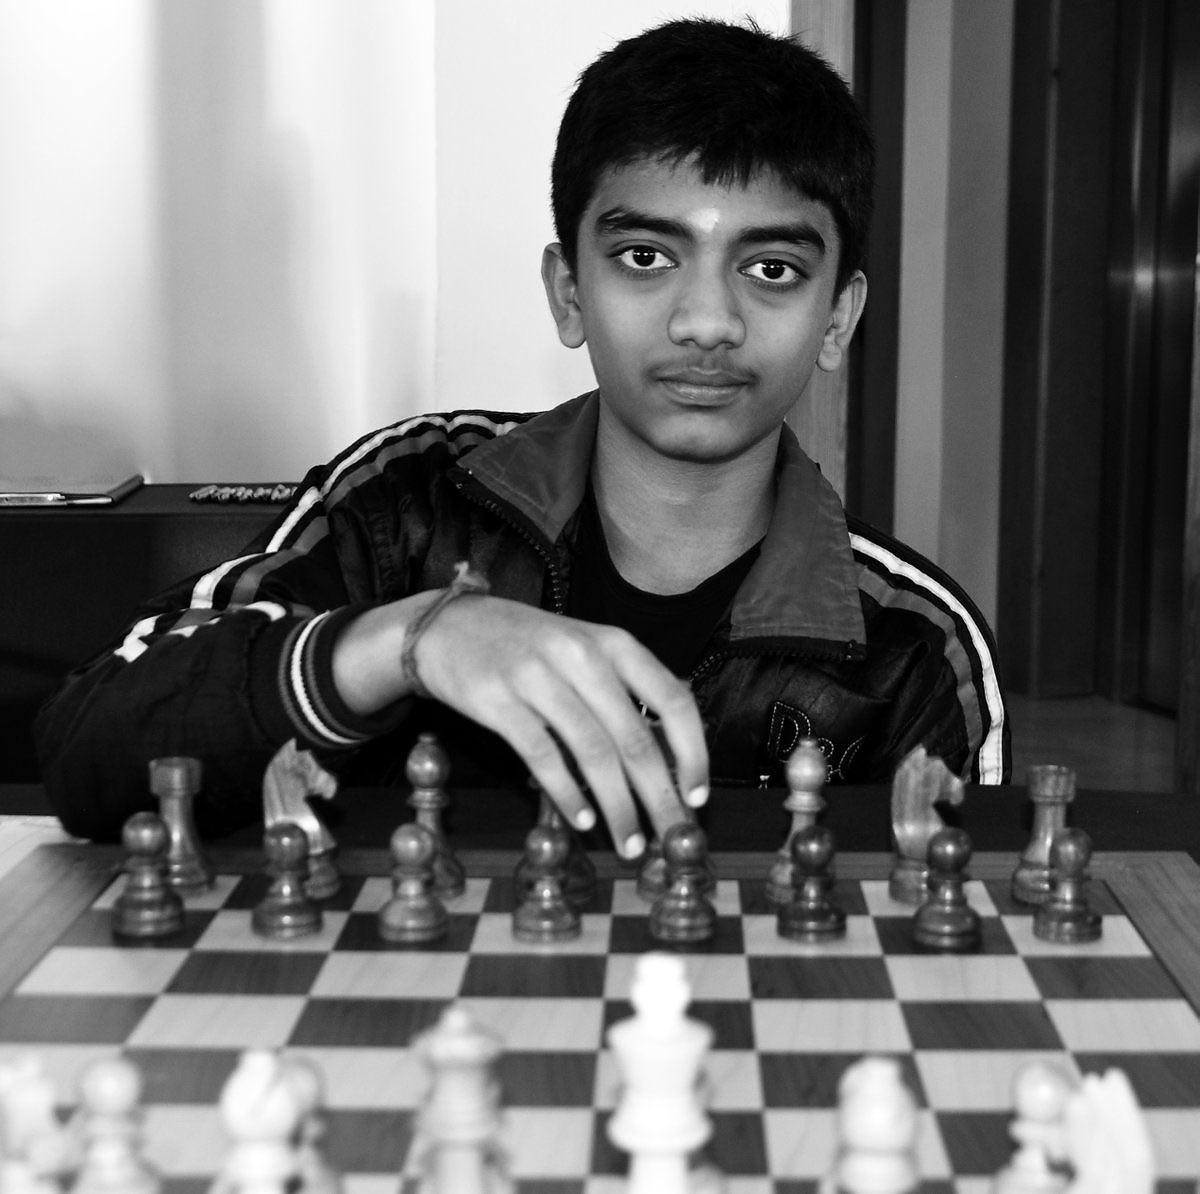 Самый молодой гроссмейстер по шахматам в мире